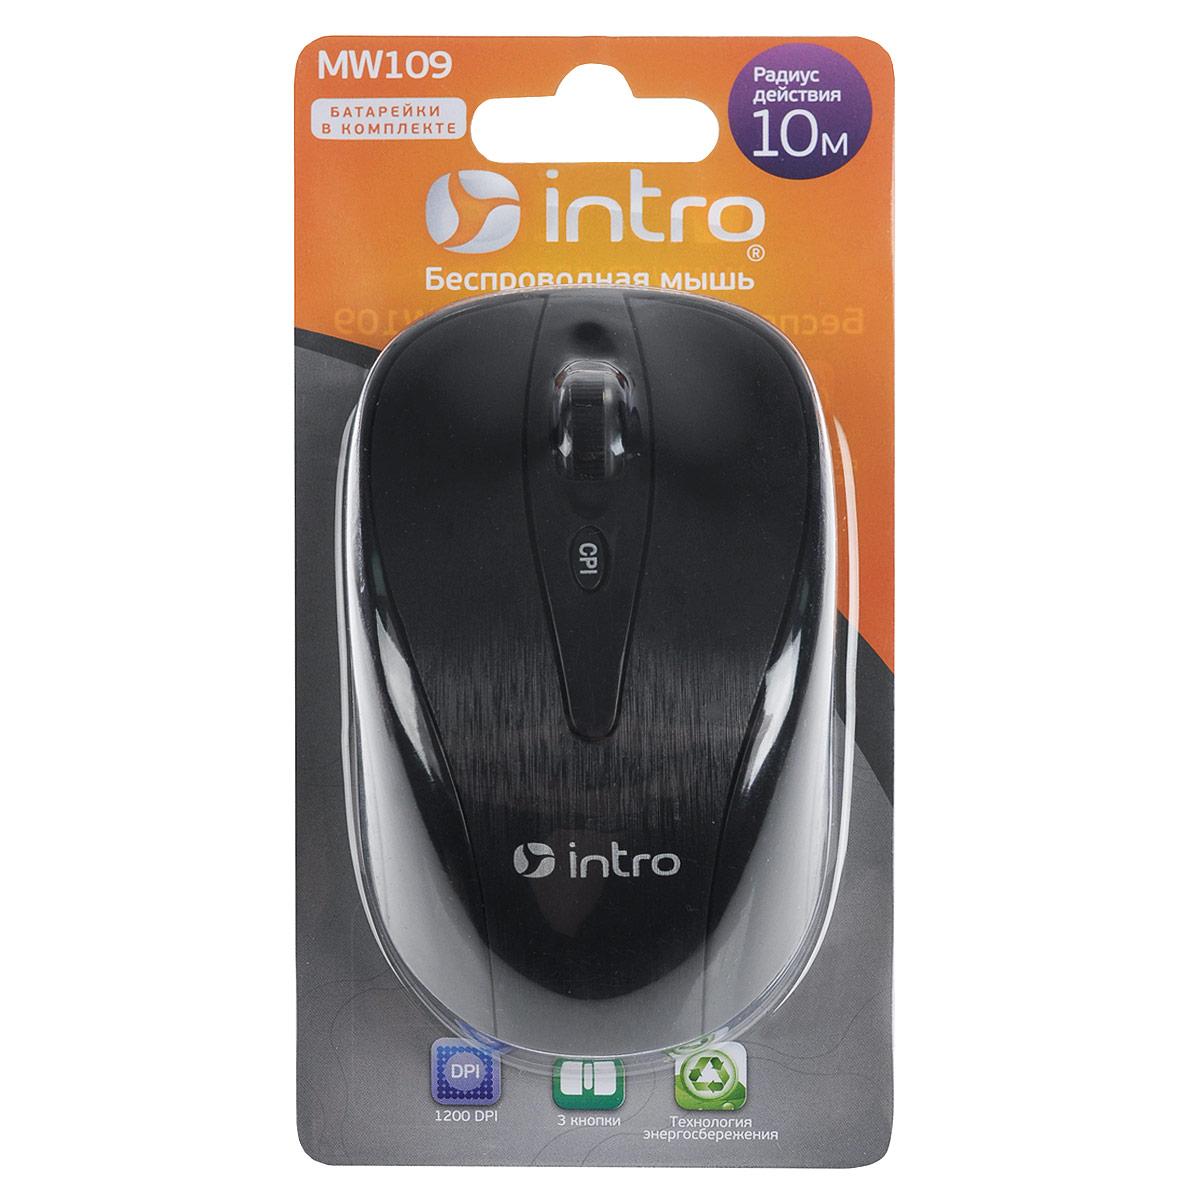 Intro MW109 Wireless мышьMW109Беспроводная мышь Intro MW109 обладает эргономичным дизайном и отлично подходит как для игр, так и для работы в офисе.